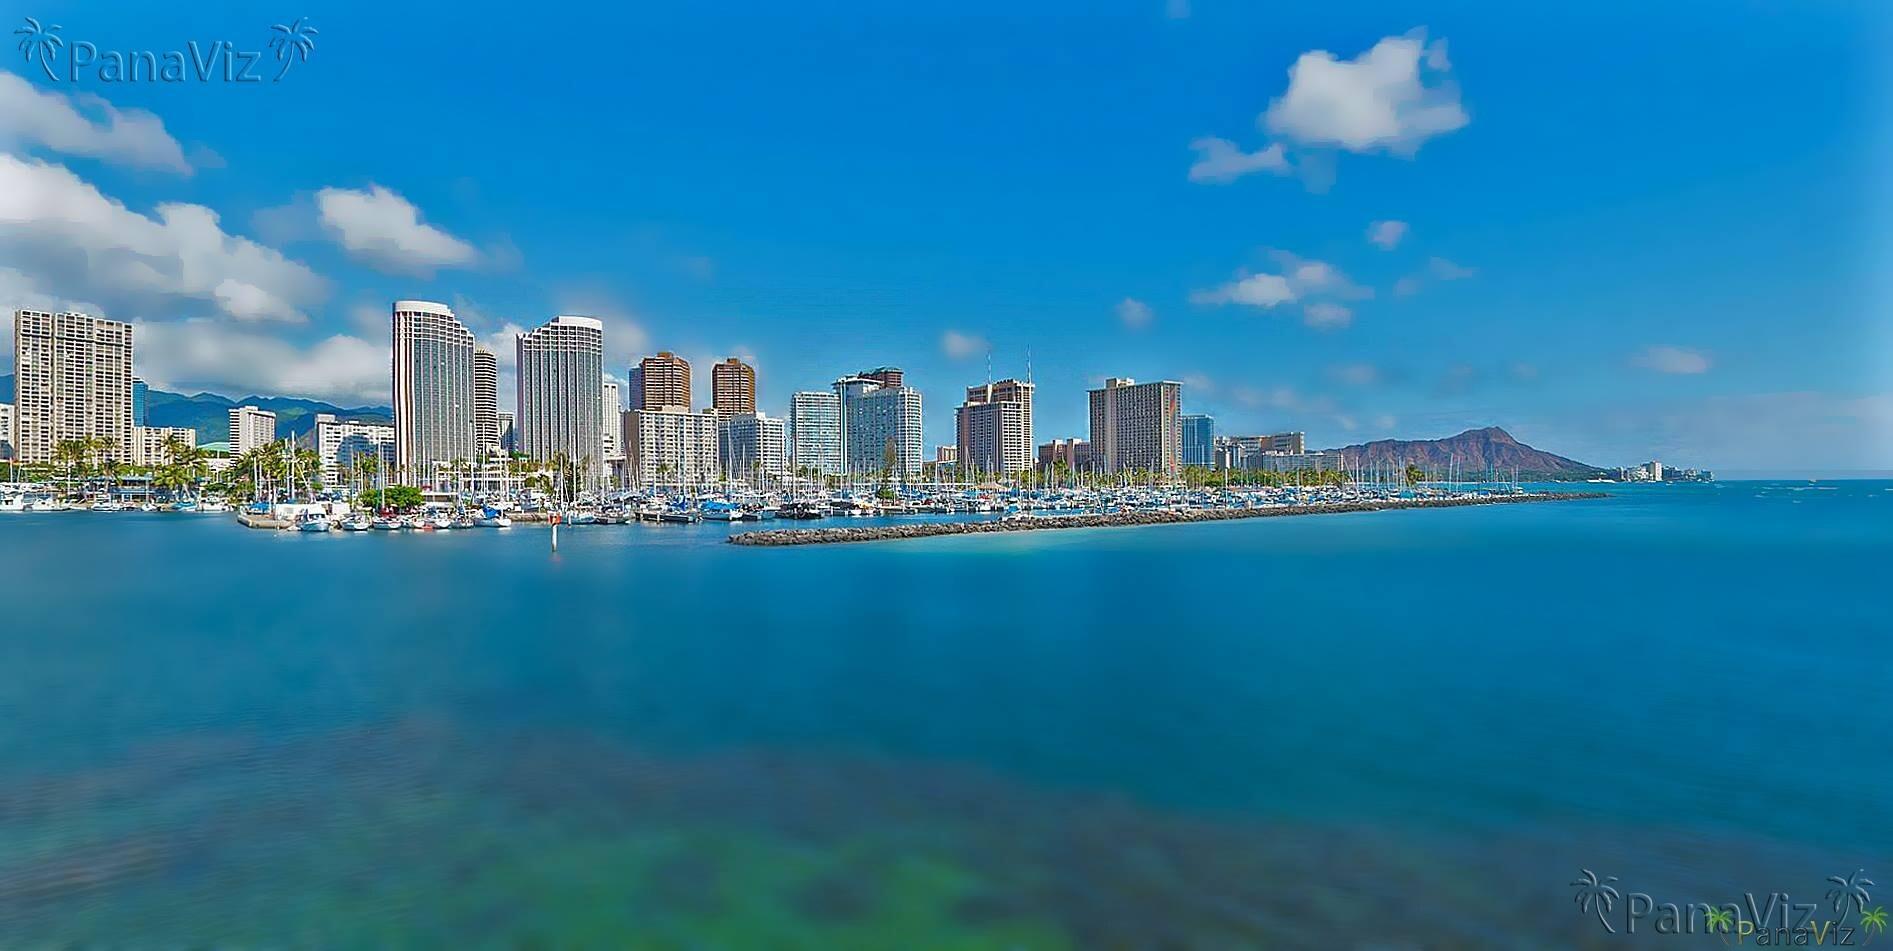 Waikiki as seen from Kaka'ako.